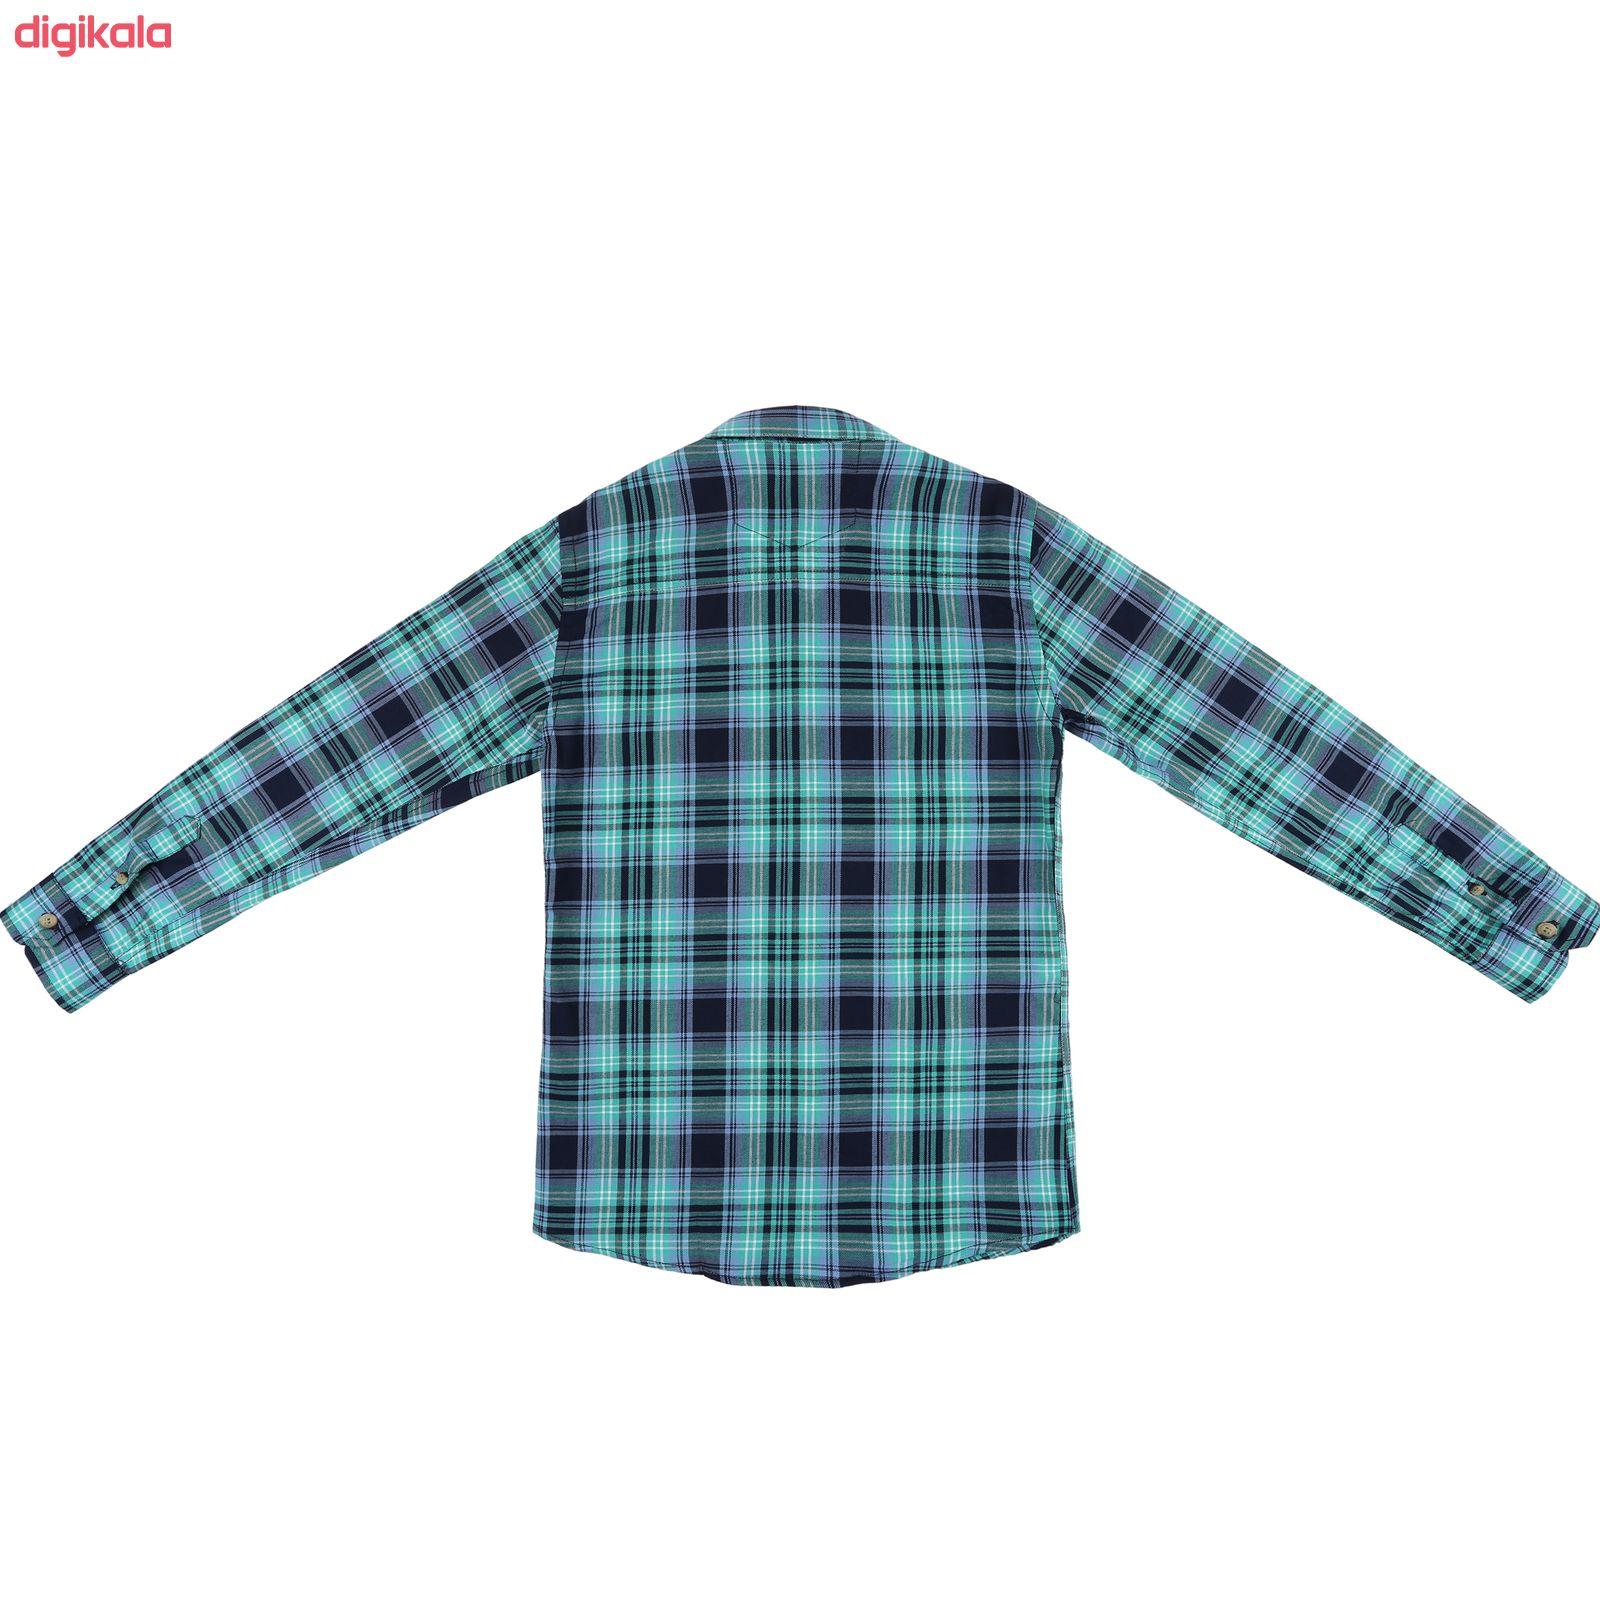 پیراهن پسرانه ناوالس کد R-20119-GN main 1 2